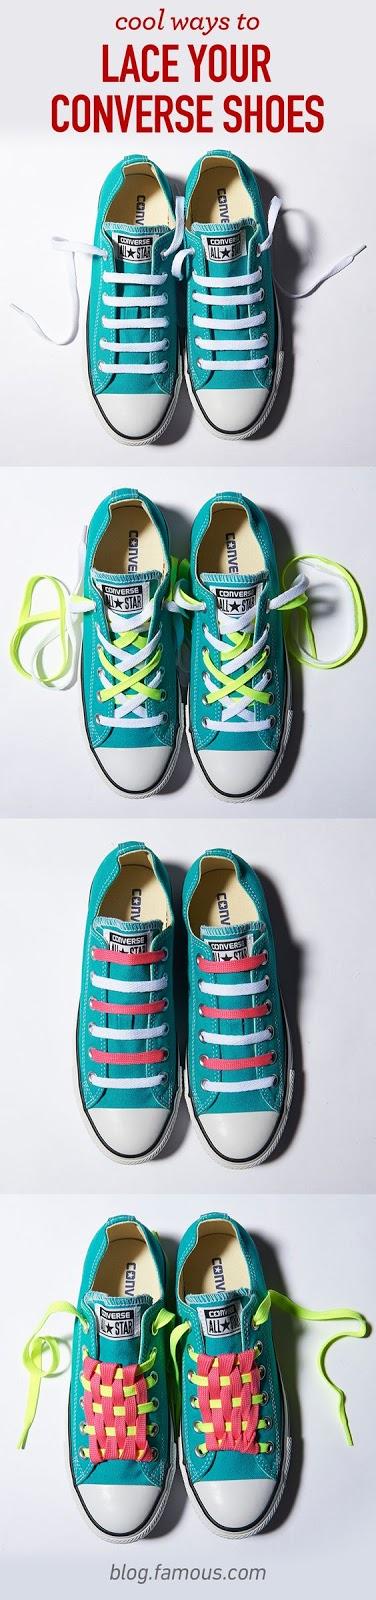 50 Cara Mengikat Memasang Tali Sepatu Dan Model Tali Sepatu Keren